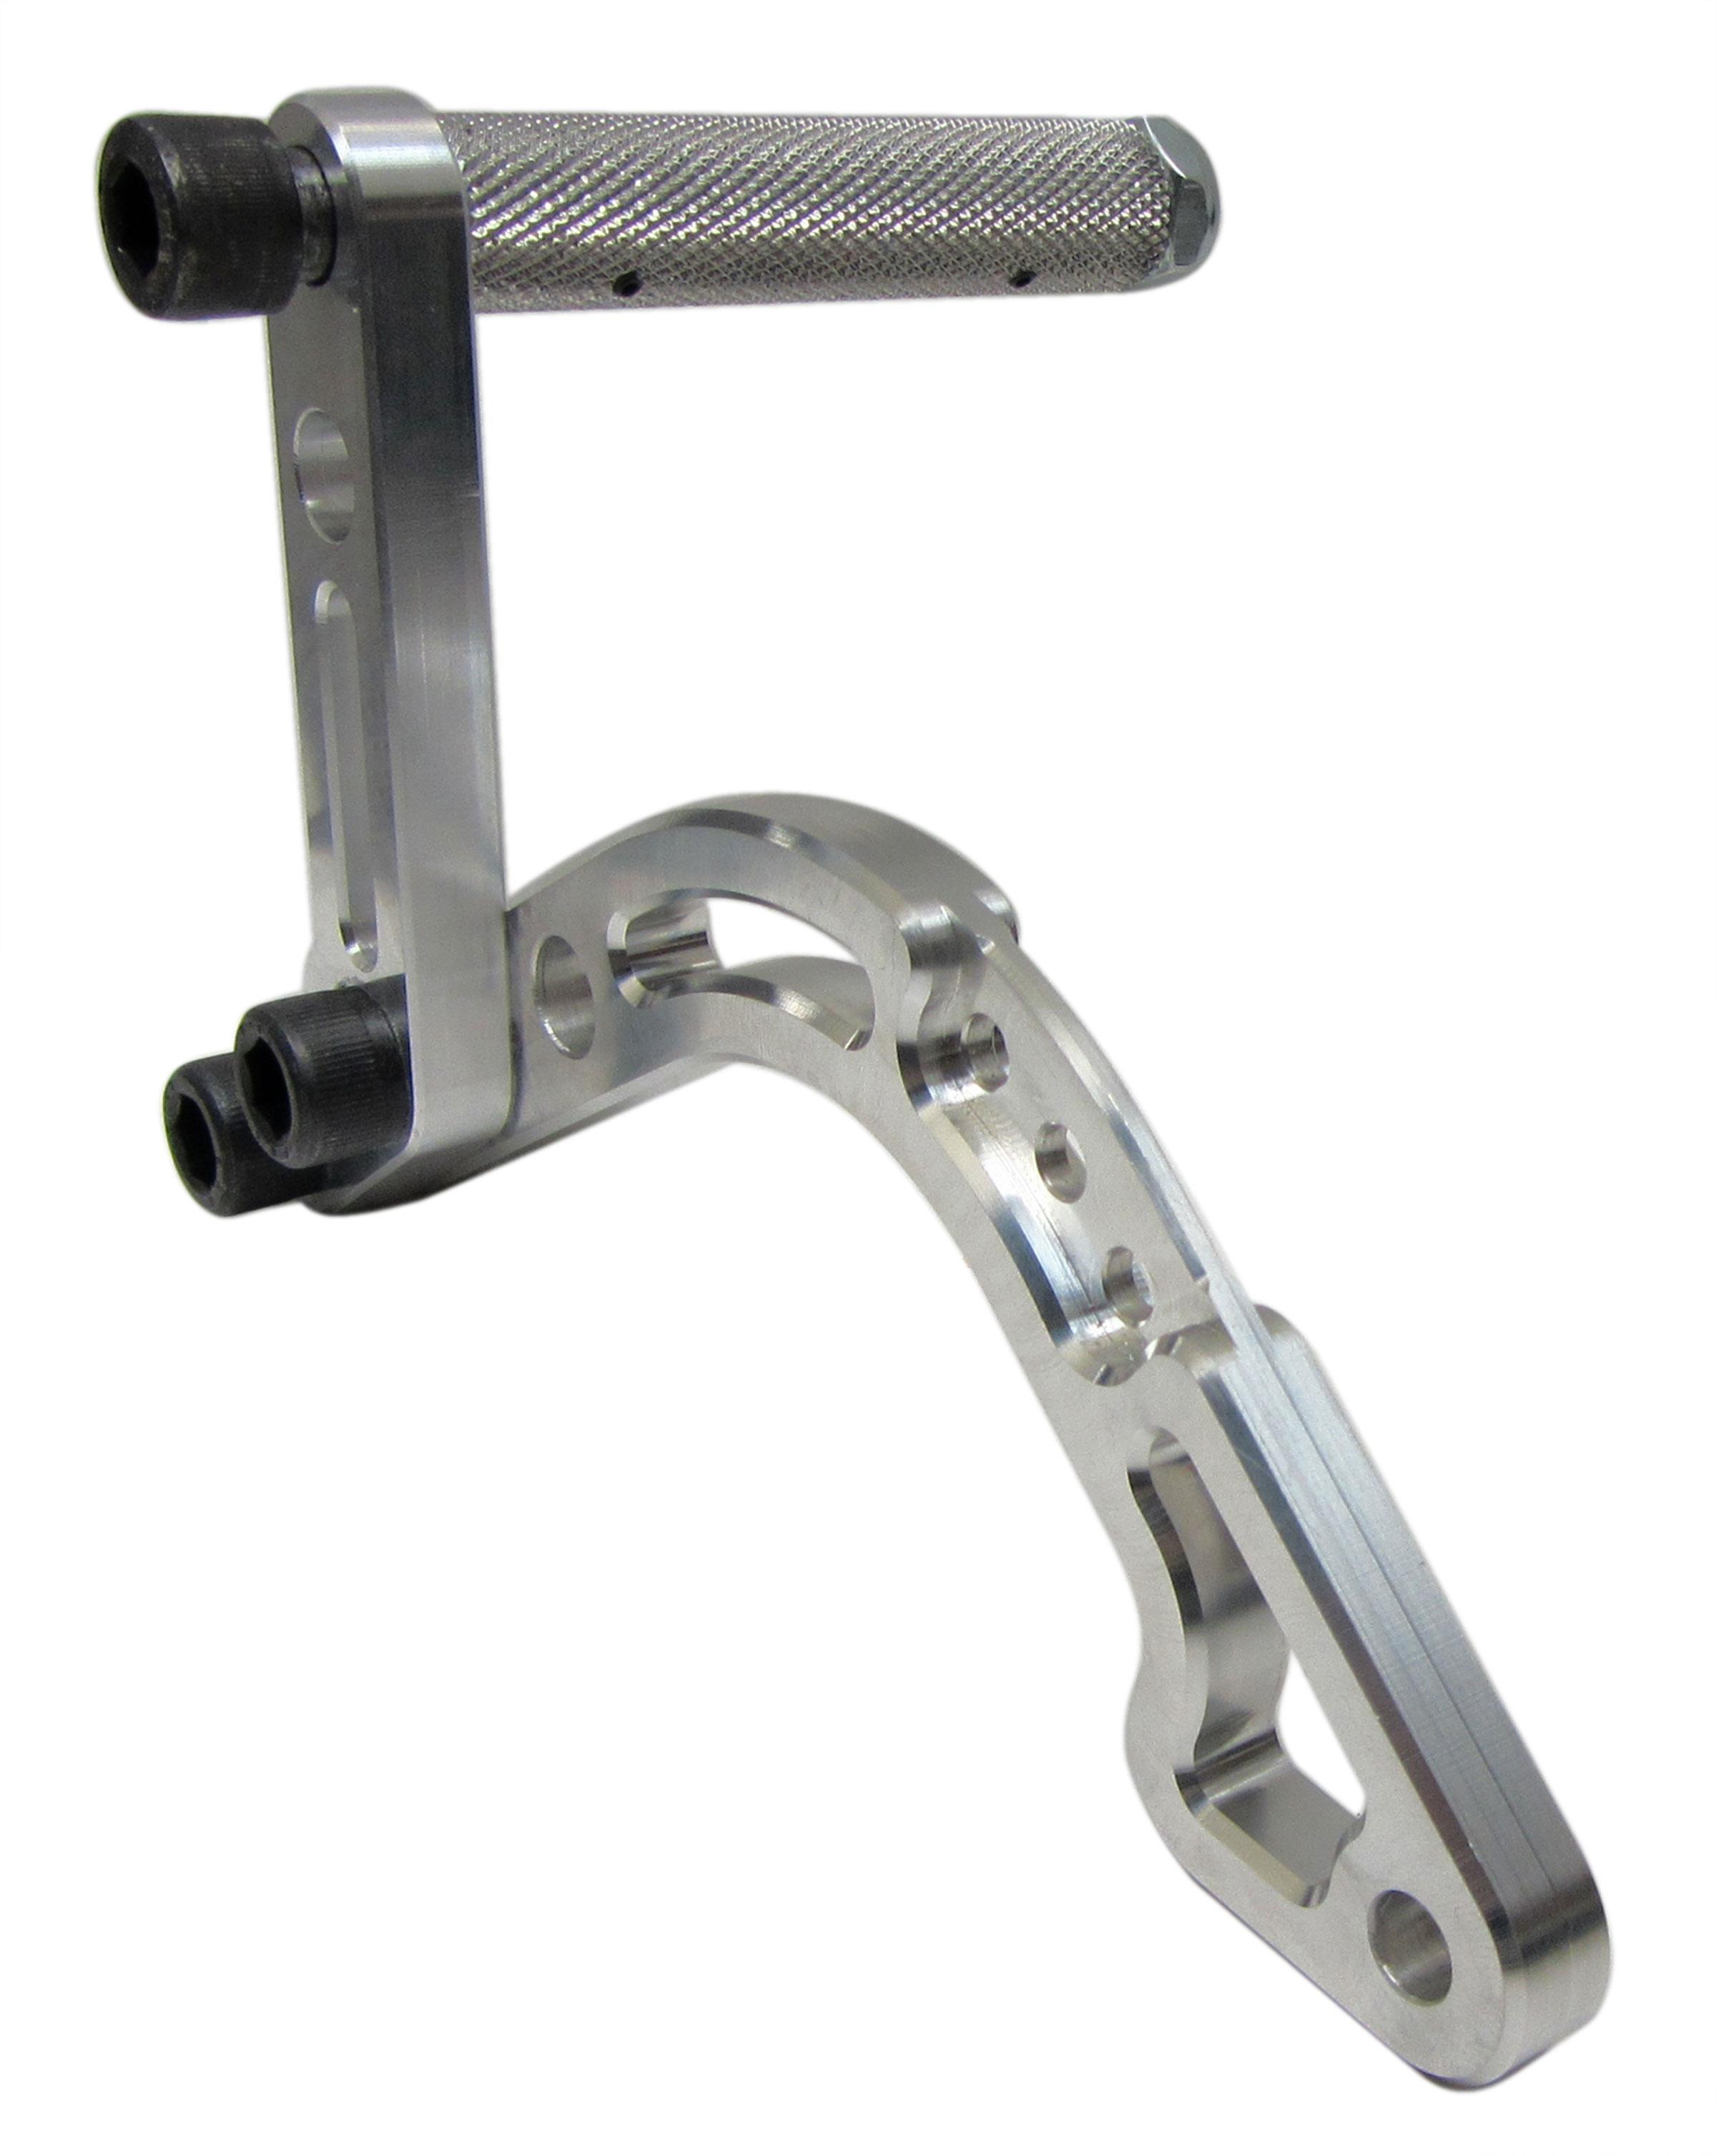 kid kart billet foot pedal extension kit gas or brake 650002k bmi karts and parts. Black Bedroom Furniture Sets. Home Design Ideas